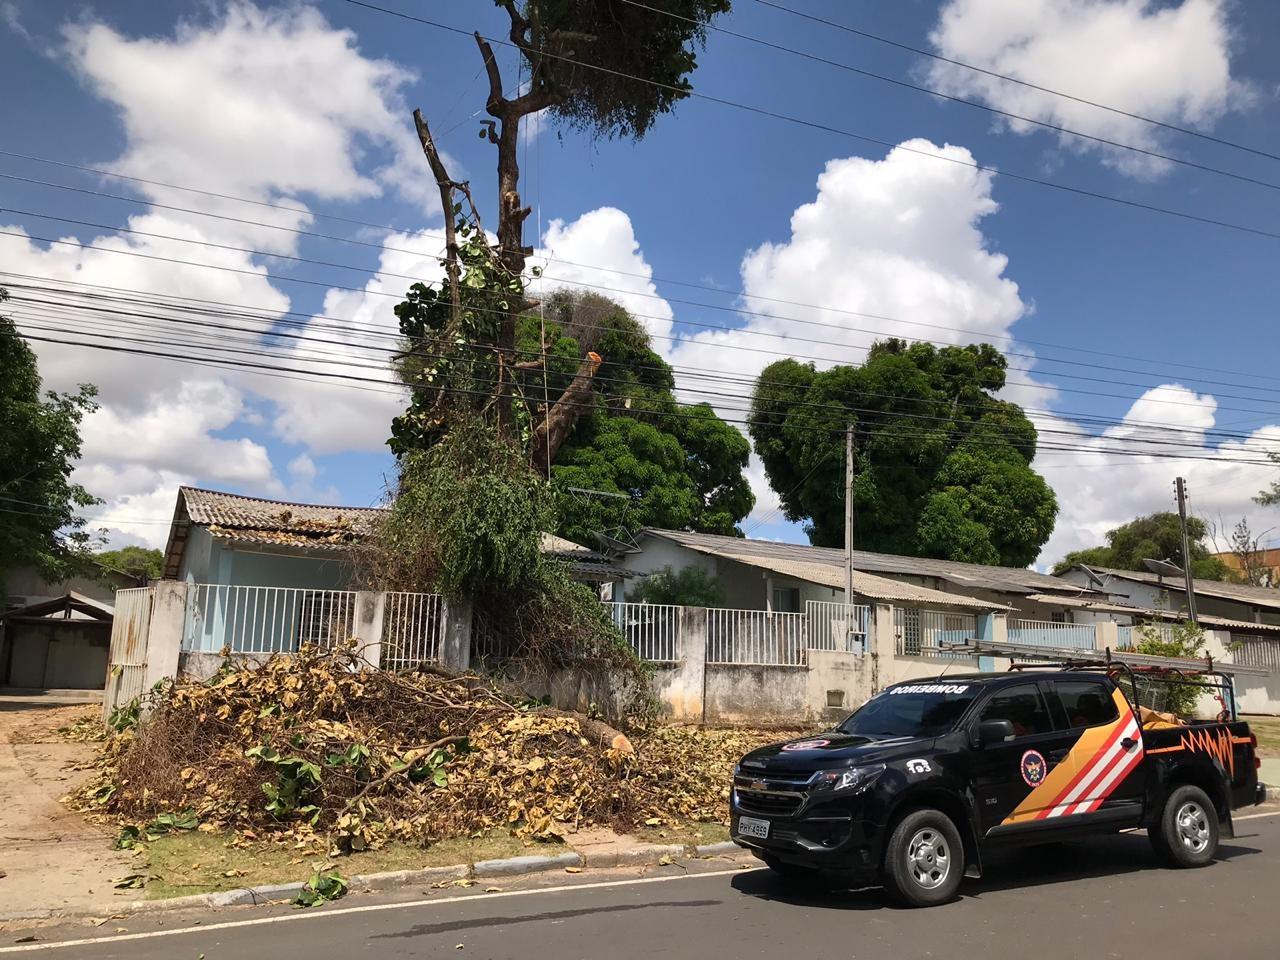 Bombeiro cai de árvore ao ser atacado por enxame de abelhas em Boa Vista